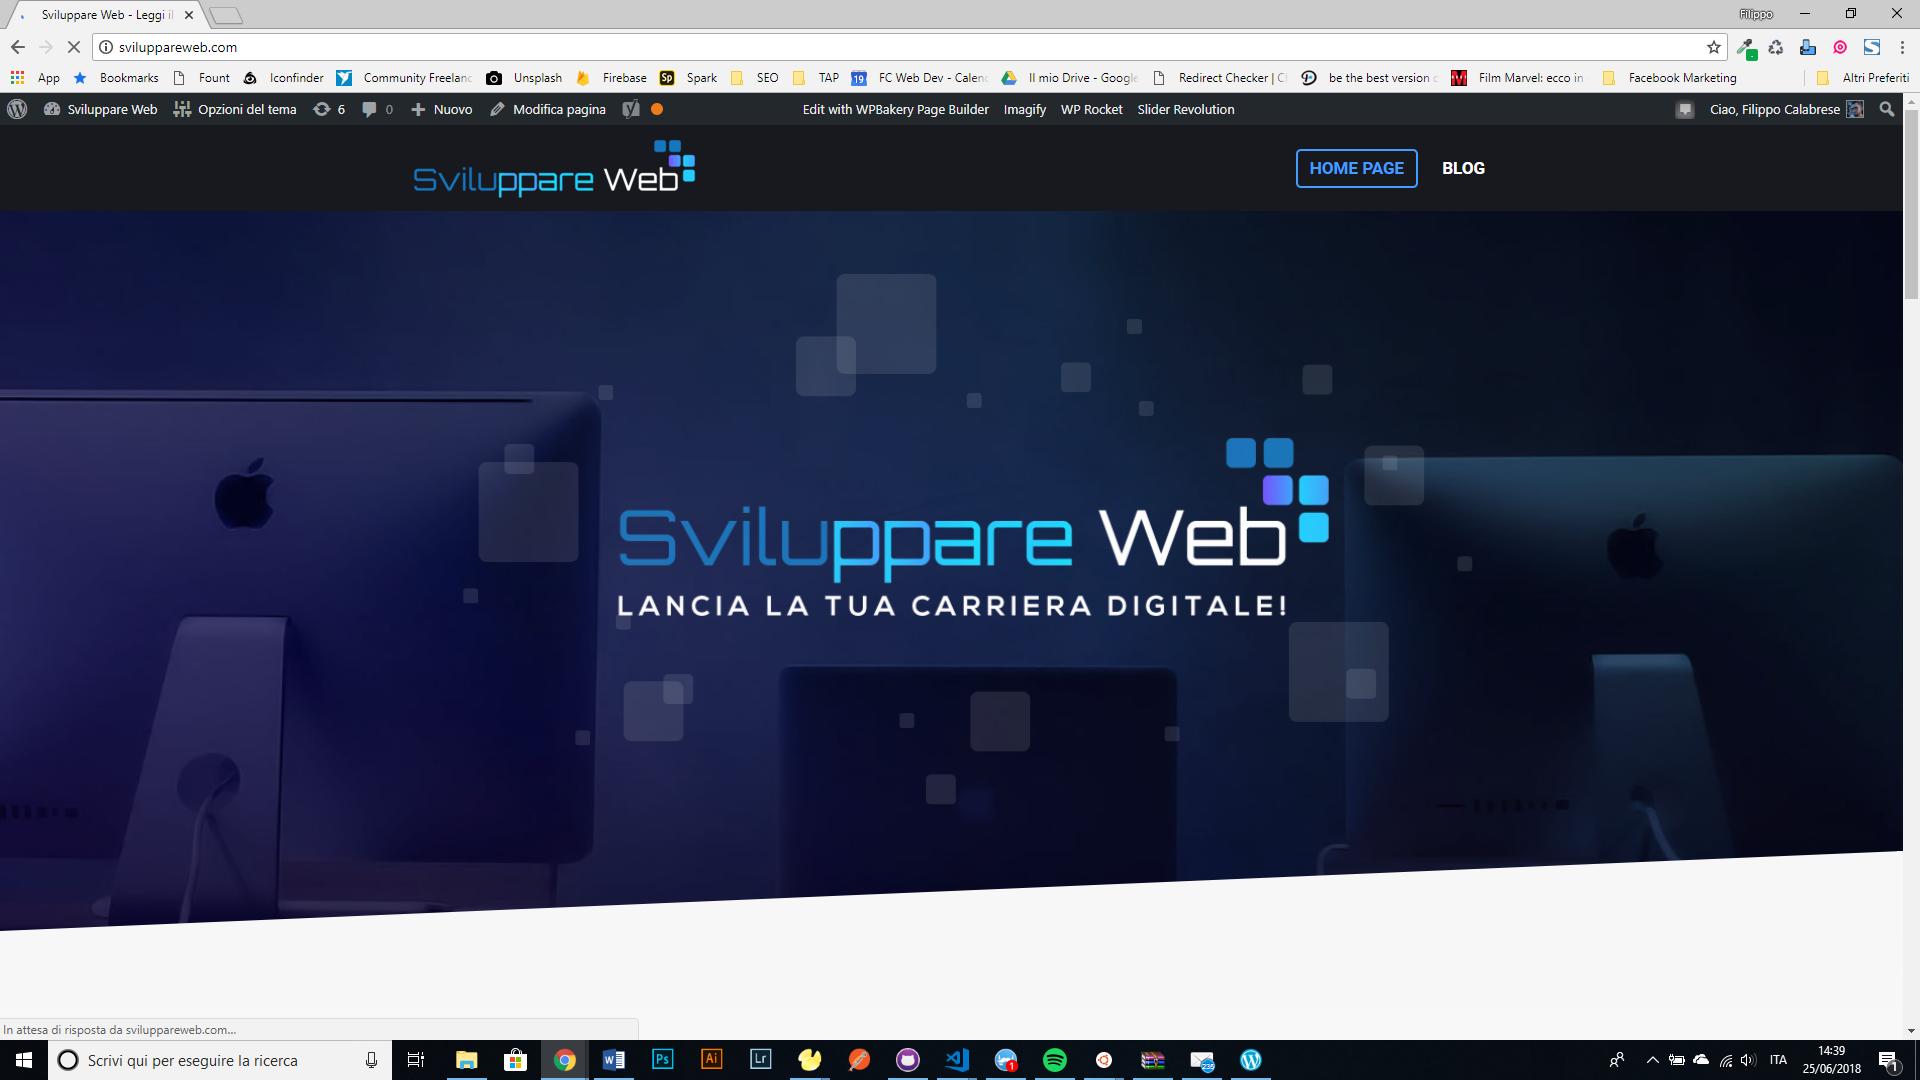 Sito web per progetto di blogging – Sviluppare Web